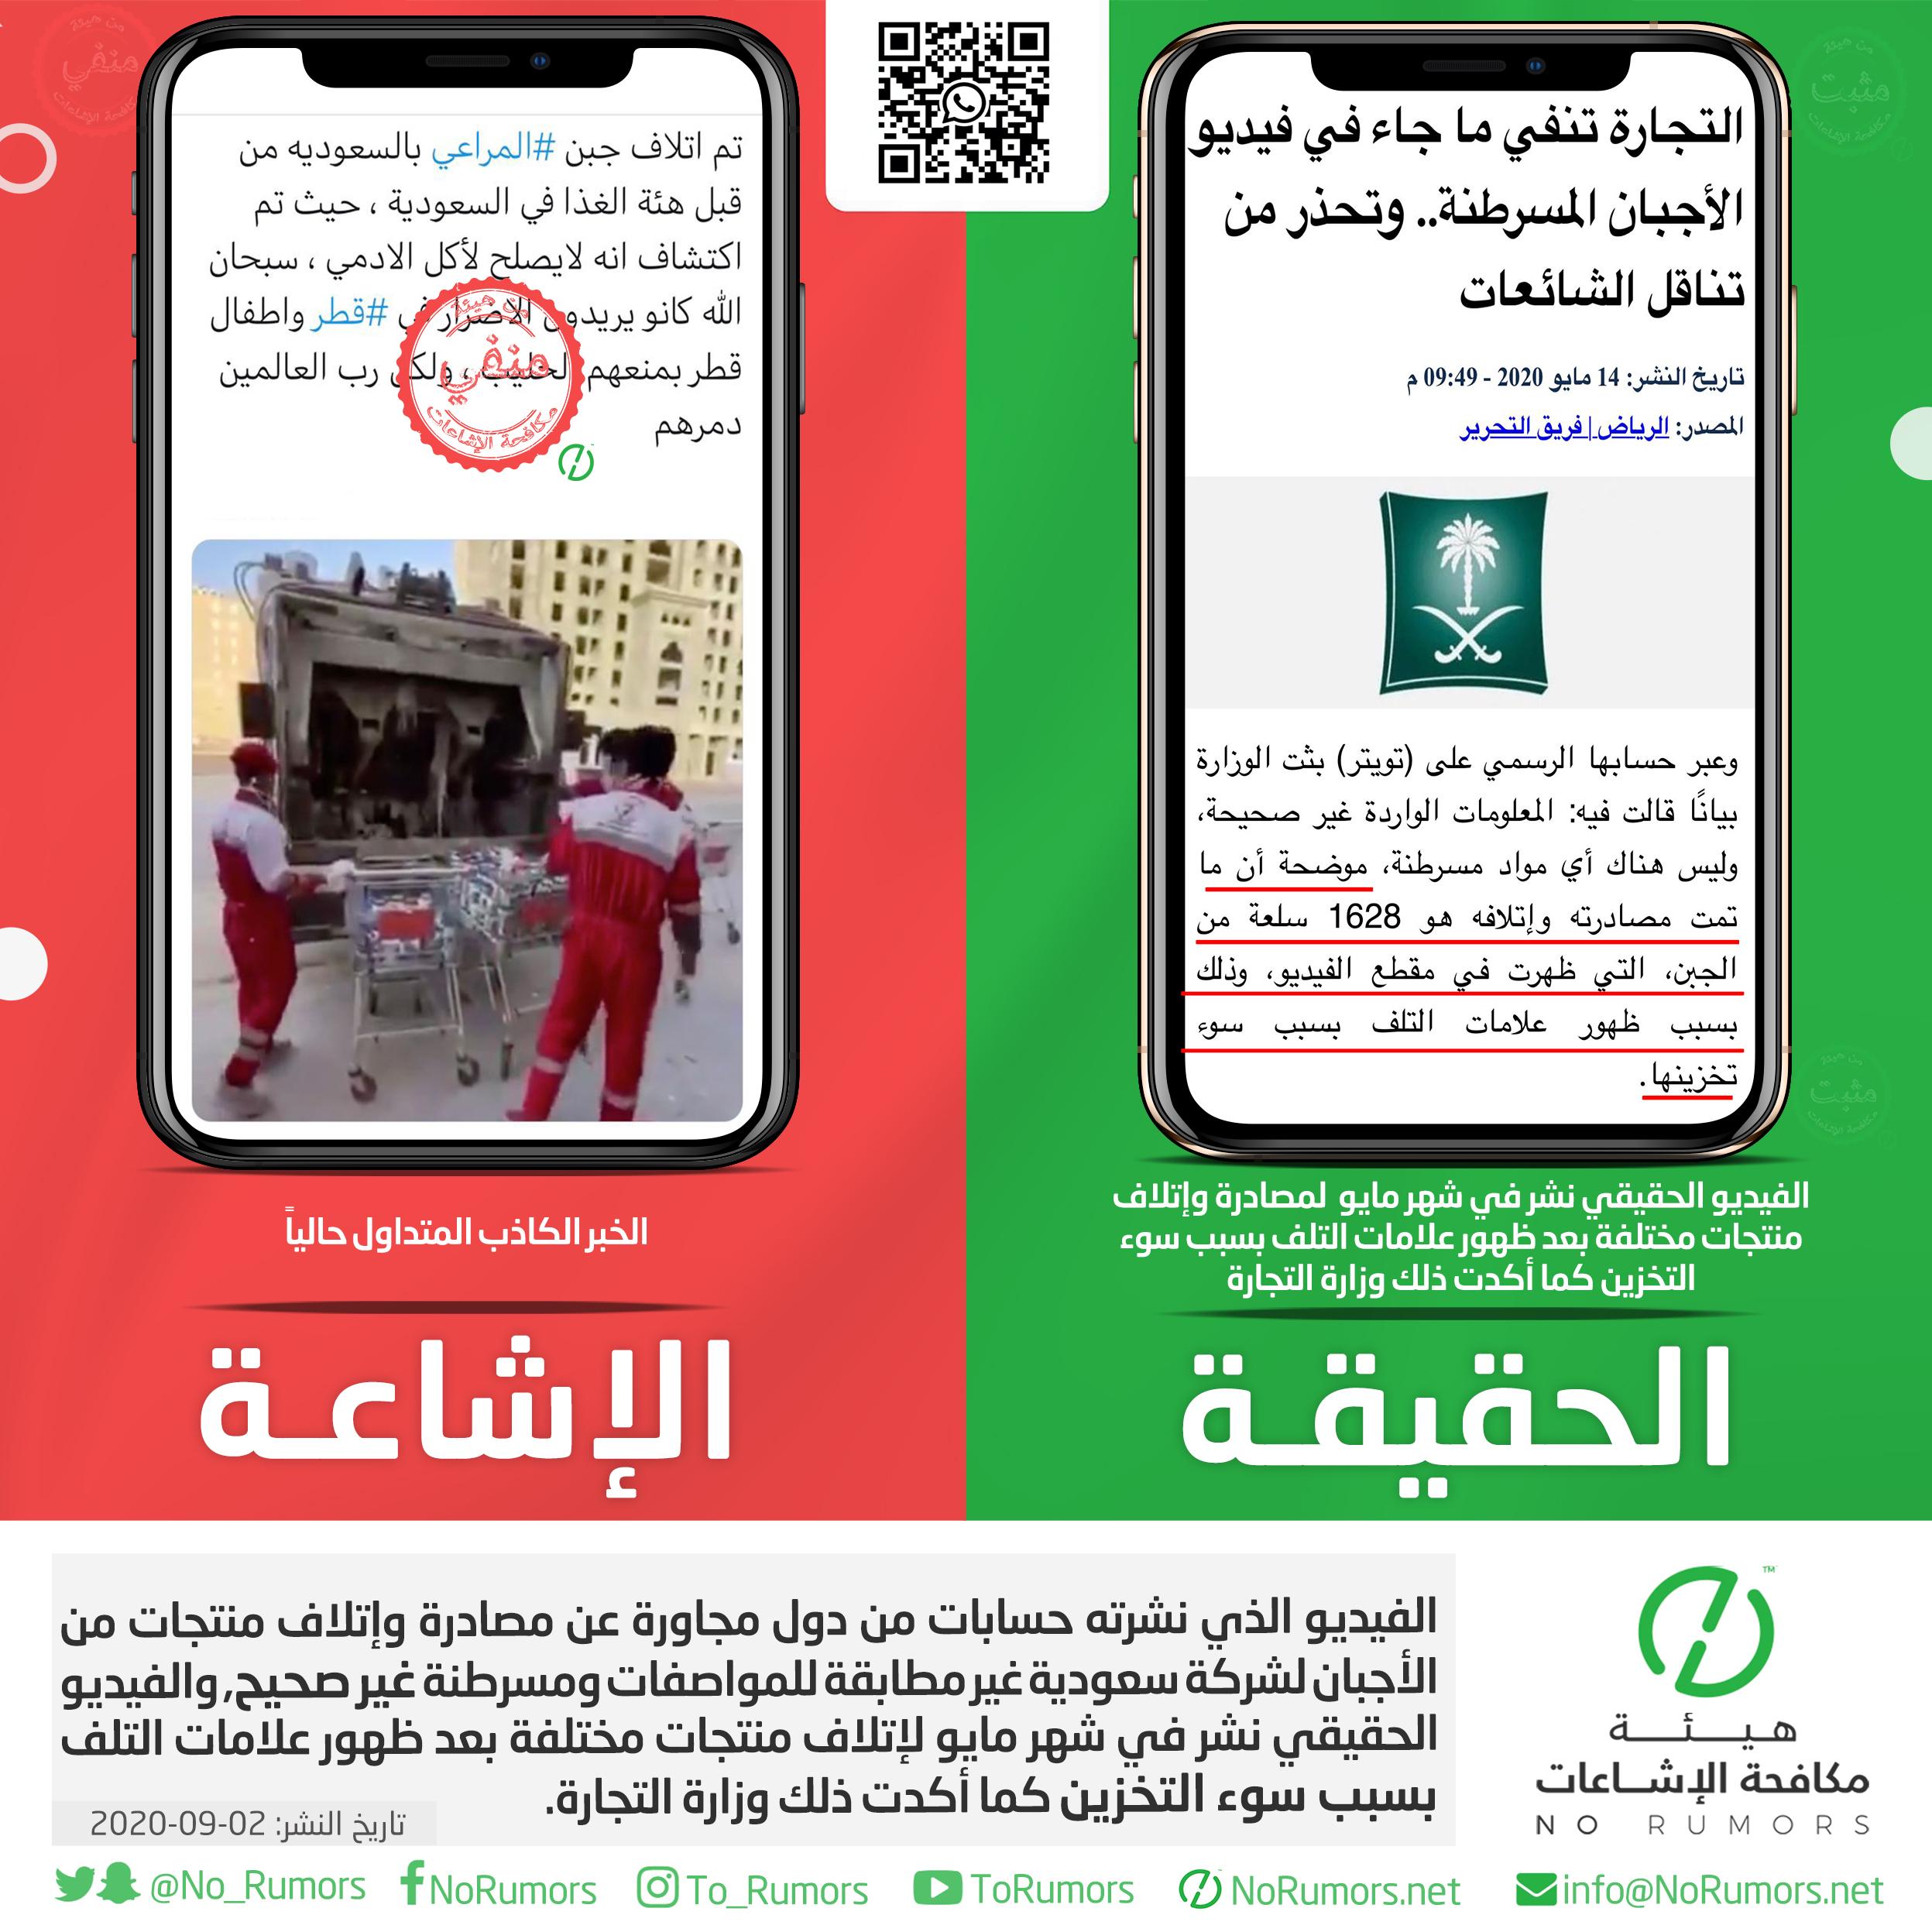 حقيقة الفيديو الذي نشرته حسابات من دول مجاورة عن مصادرة وإتلاف منتجات من الأجبان لشركة سعودية غير مطابقة للمواصفات ومسرطنة